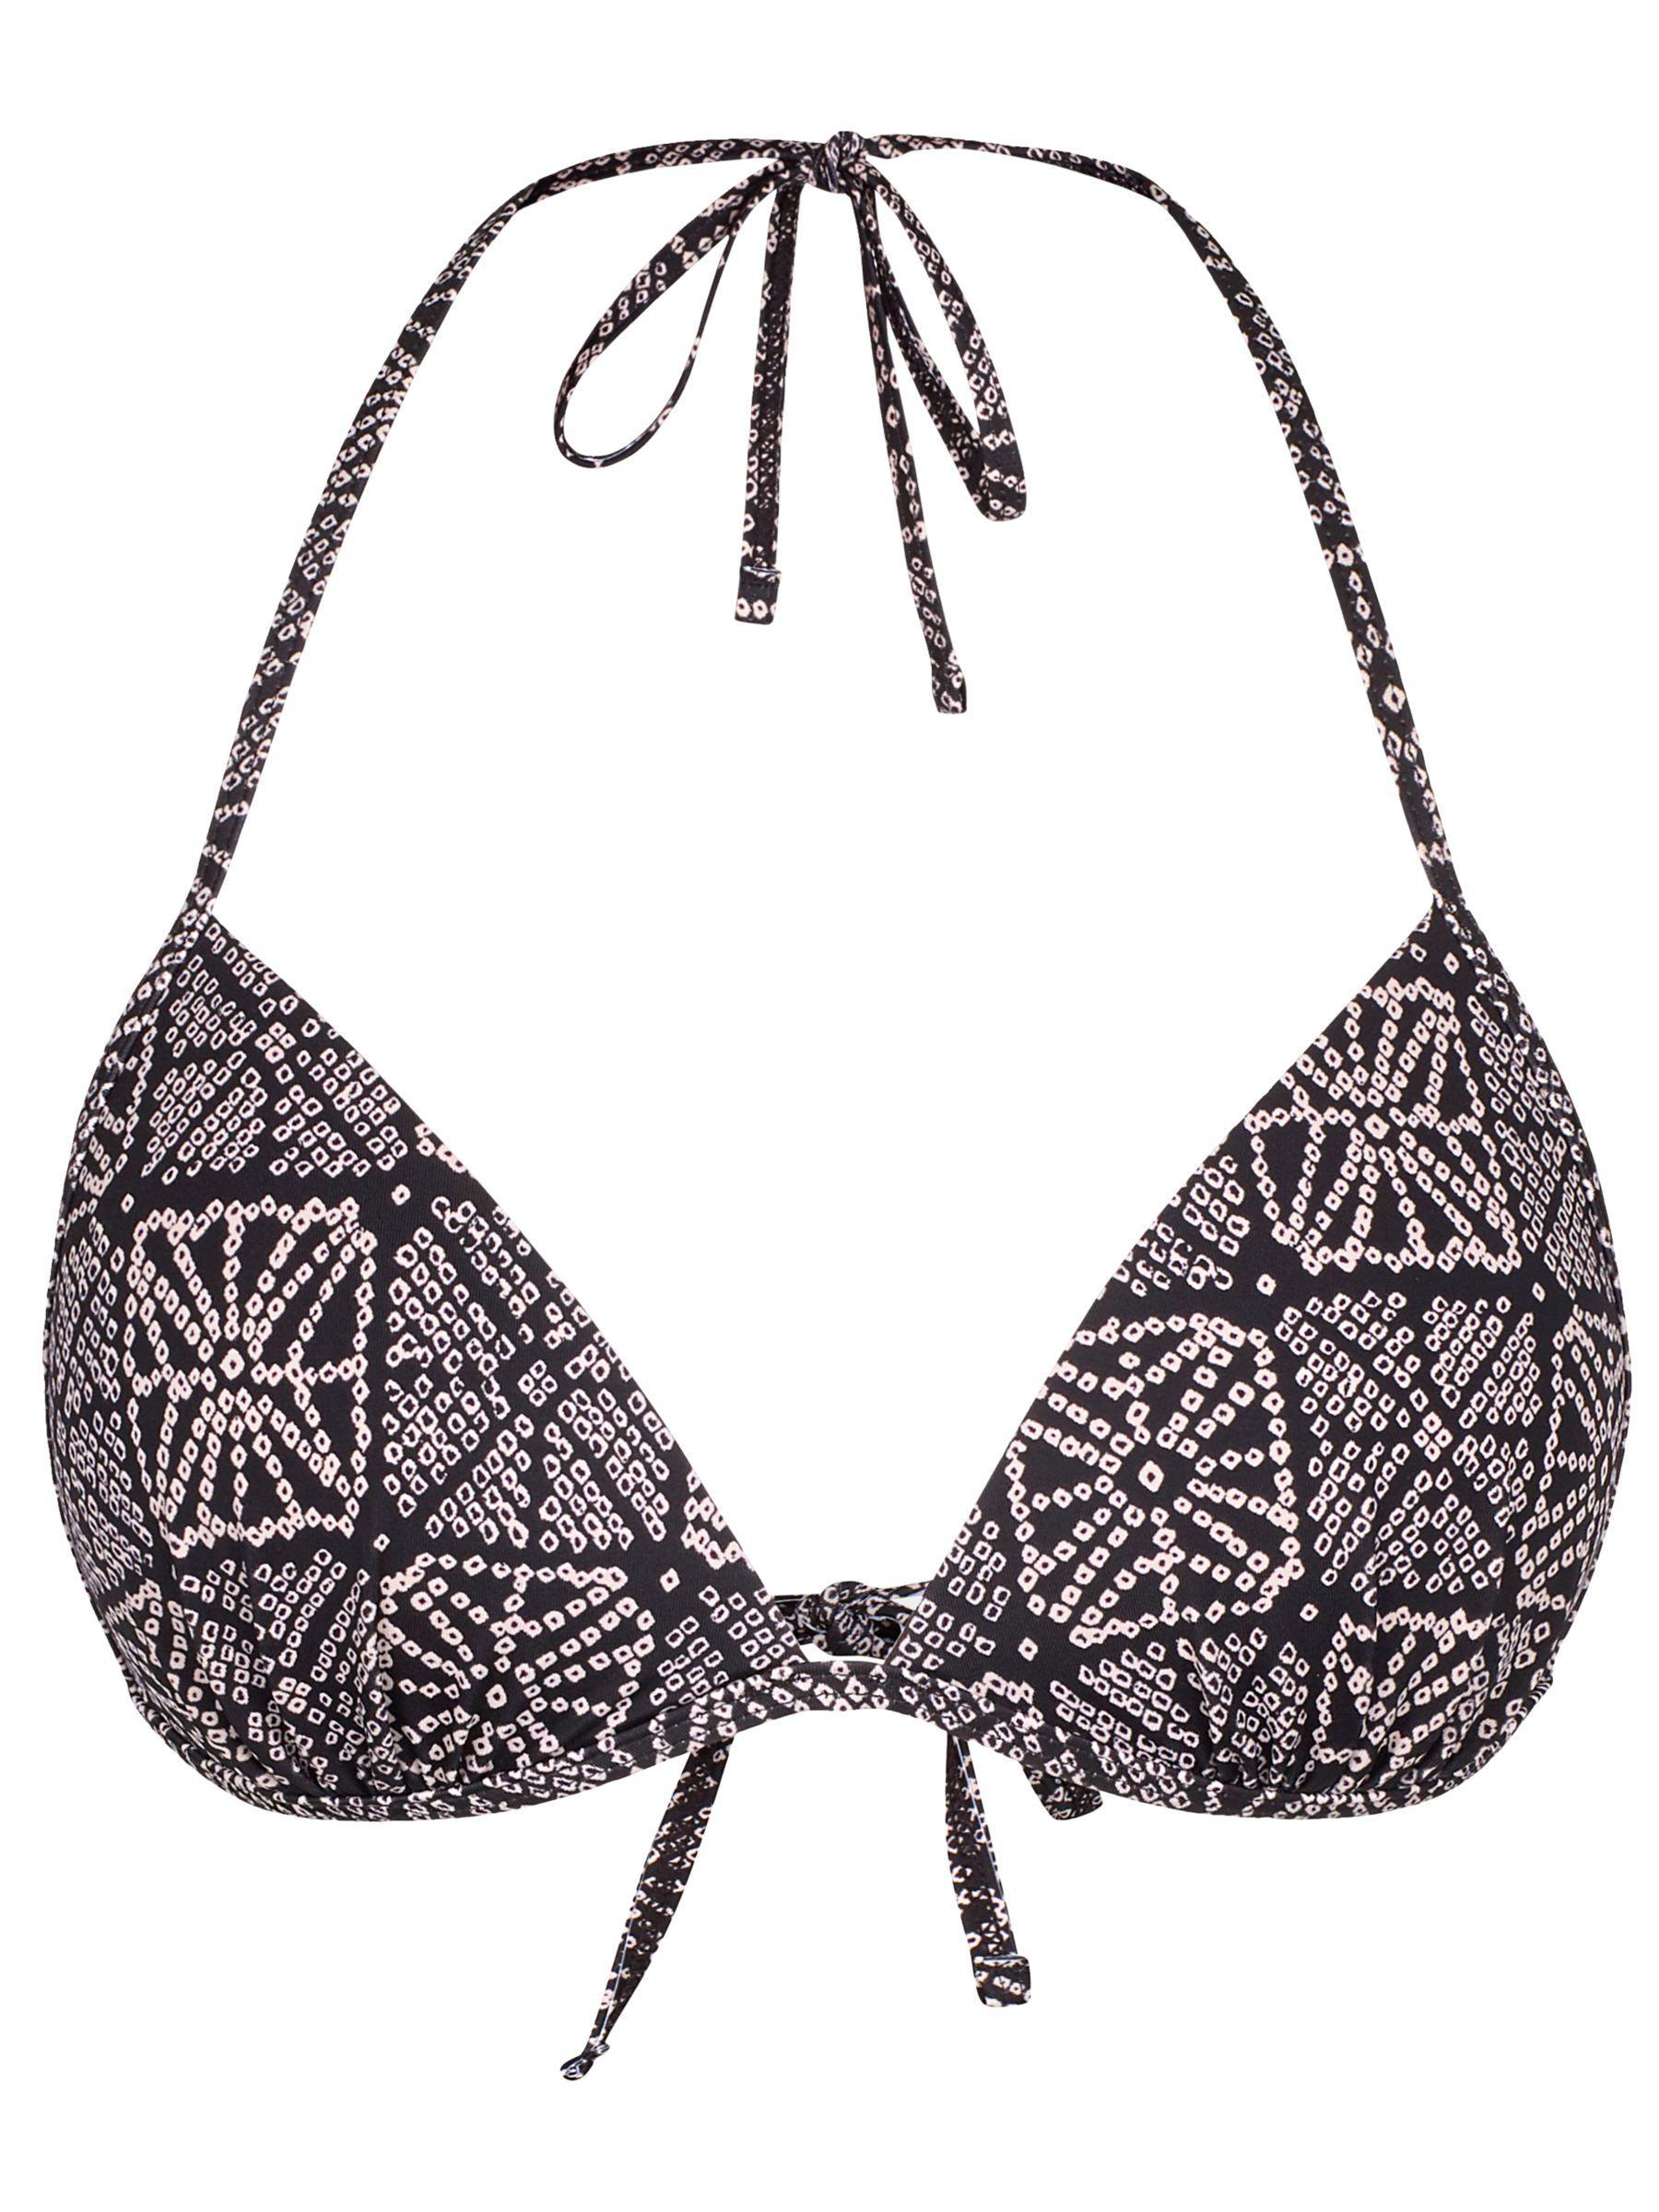 ab2f9368e7 John Lewis Fat Face Sea Star Moulded Bikini Top - Lyst